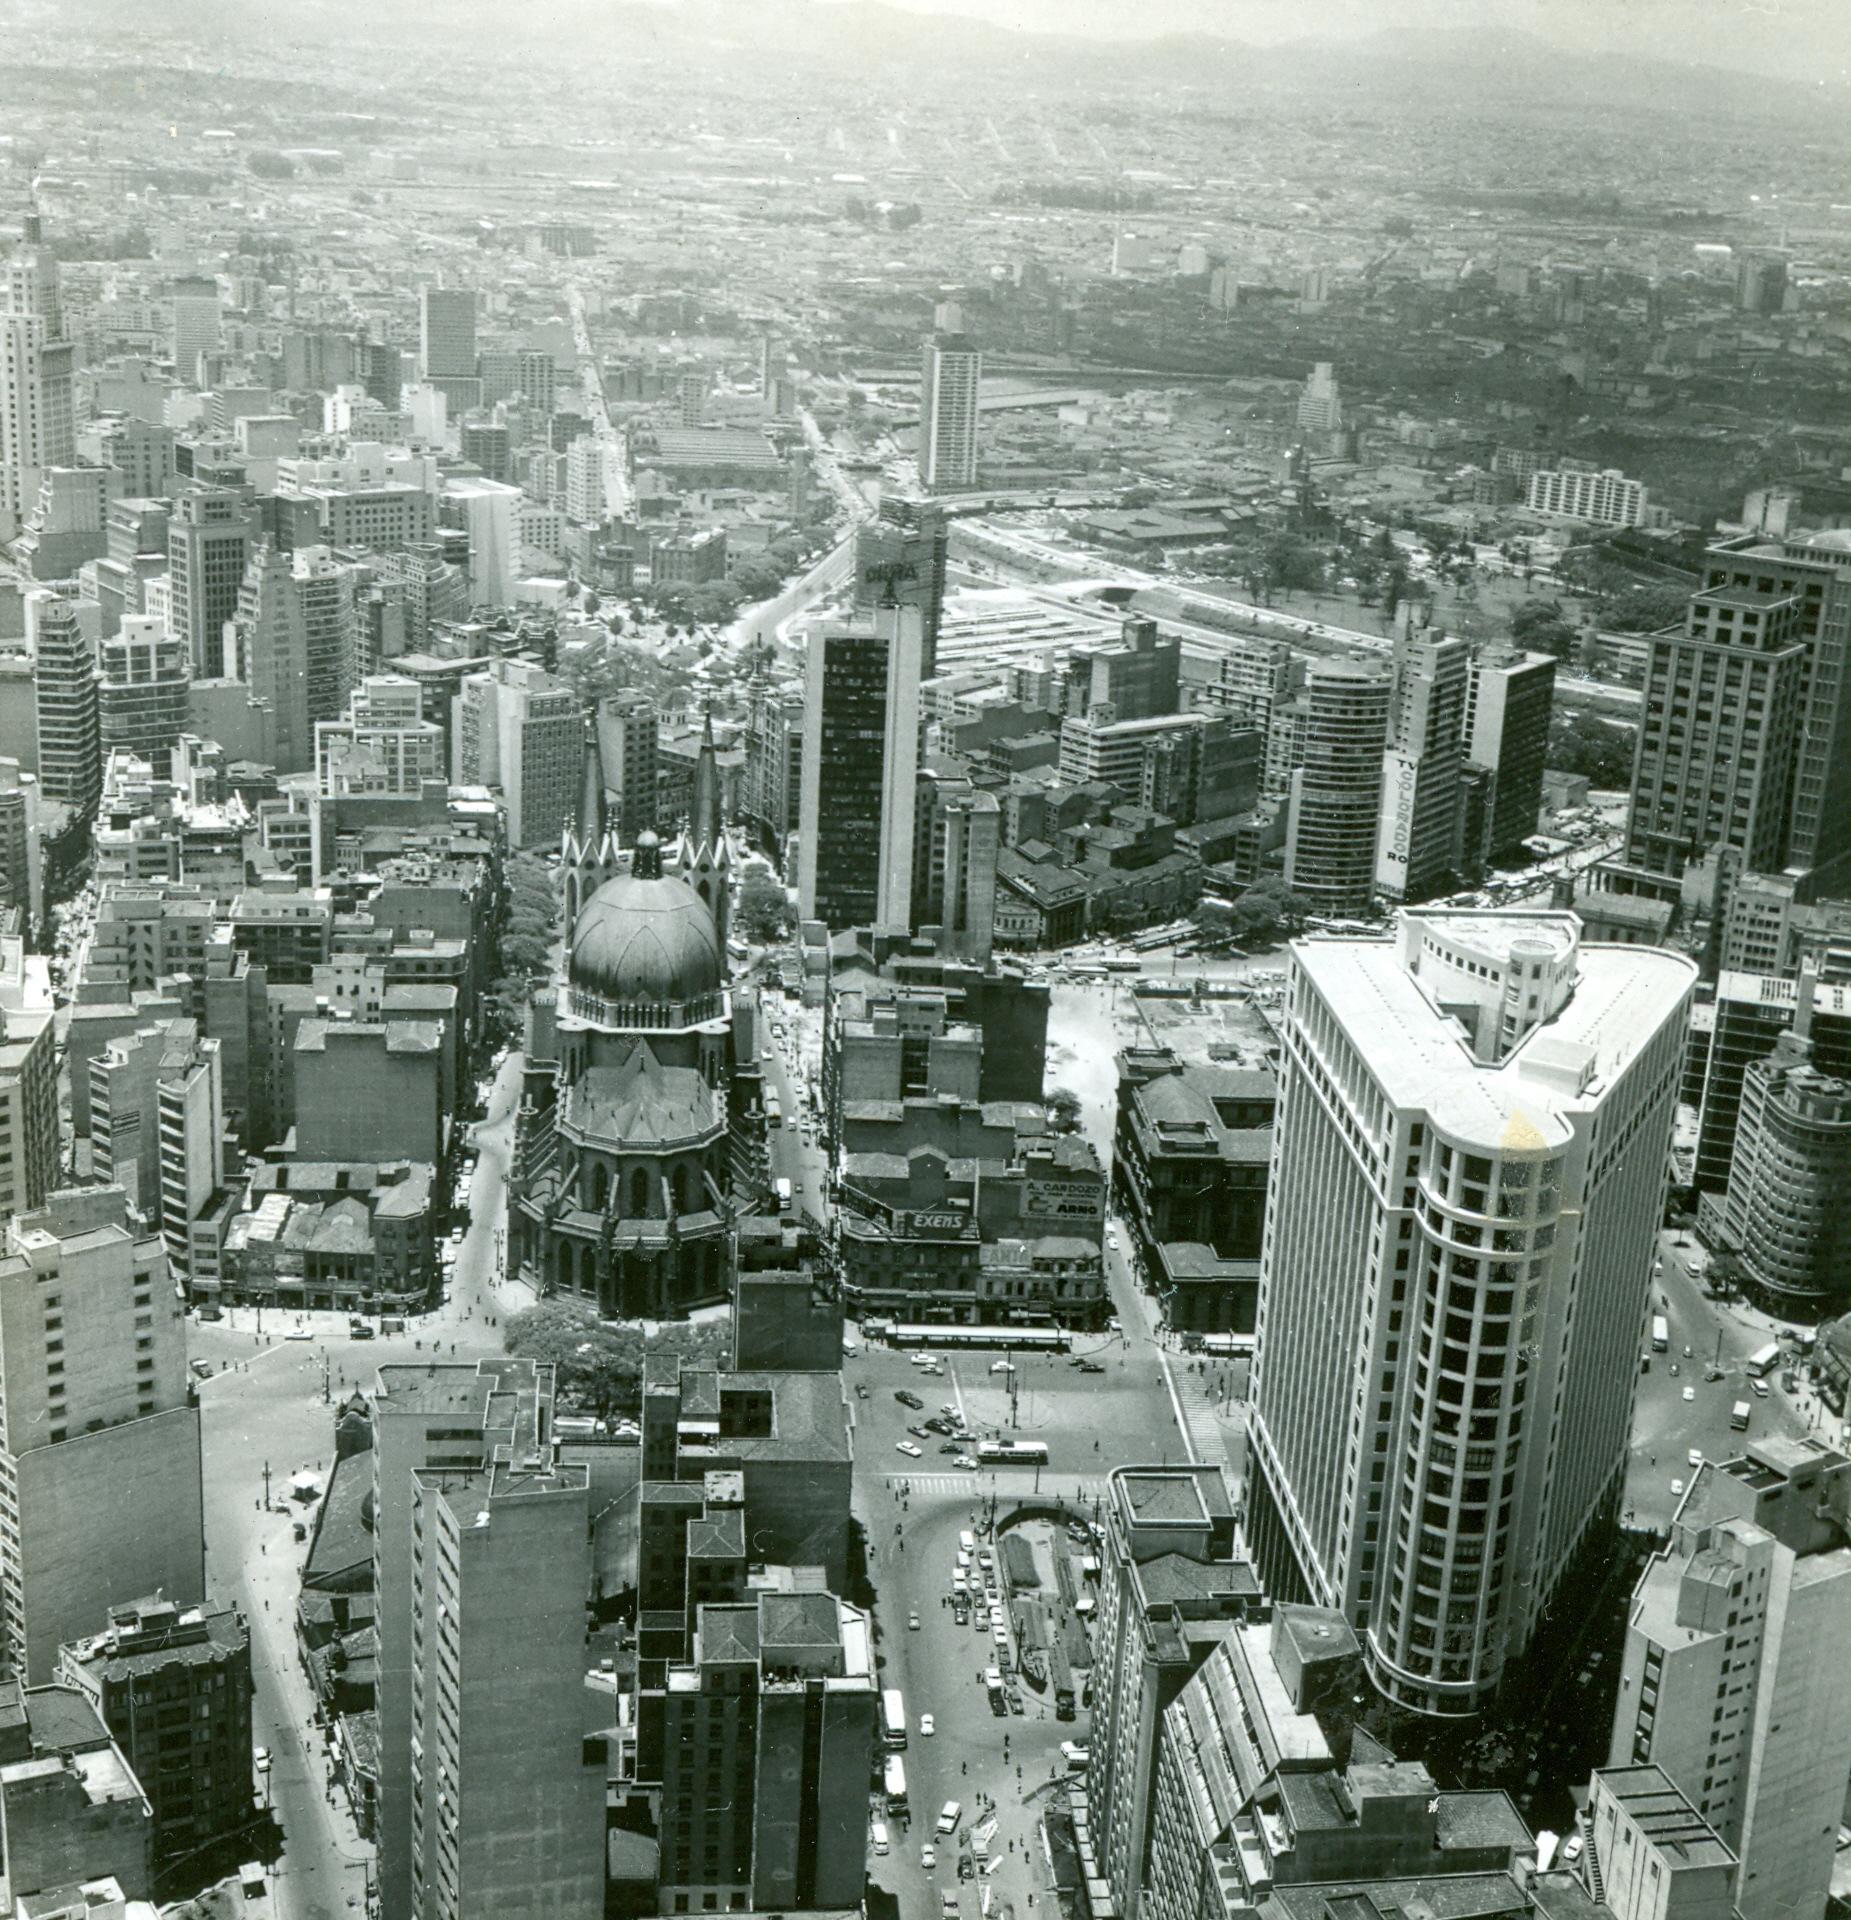 Vista aérea da Praça da Sé